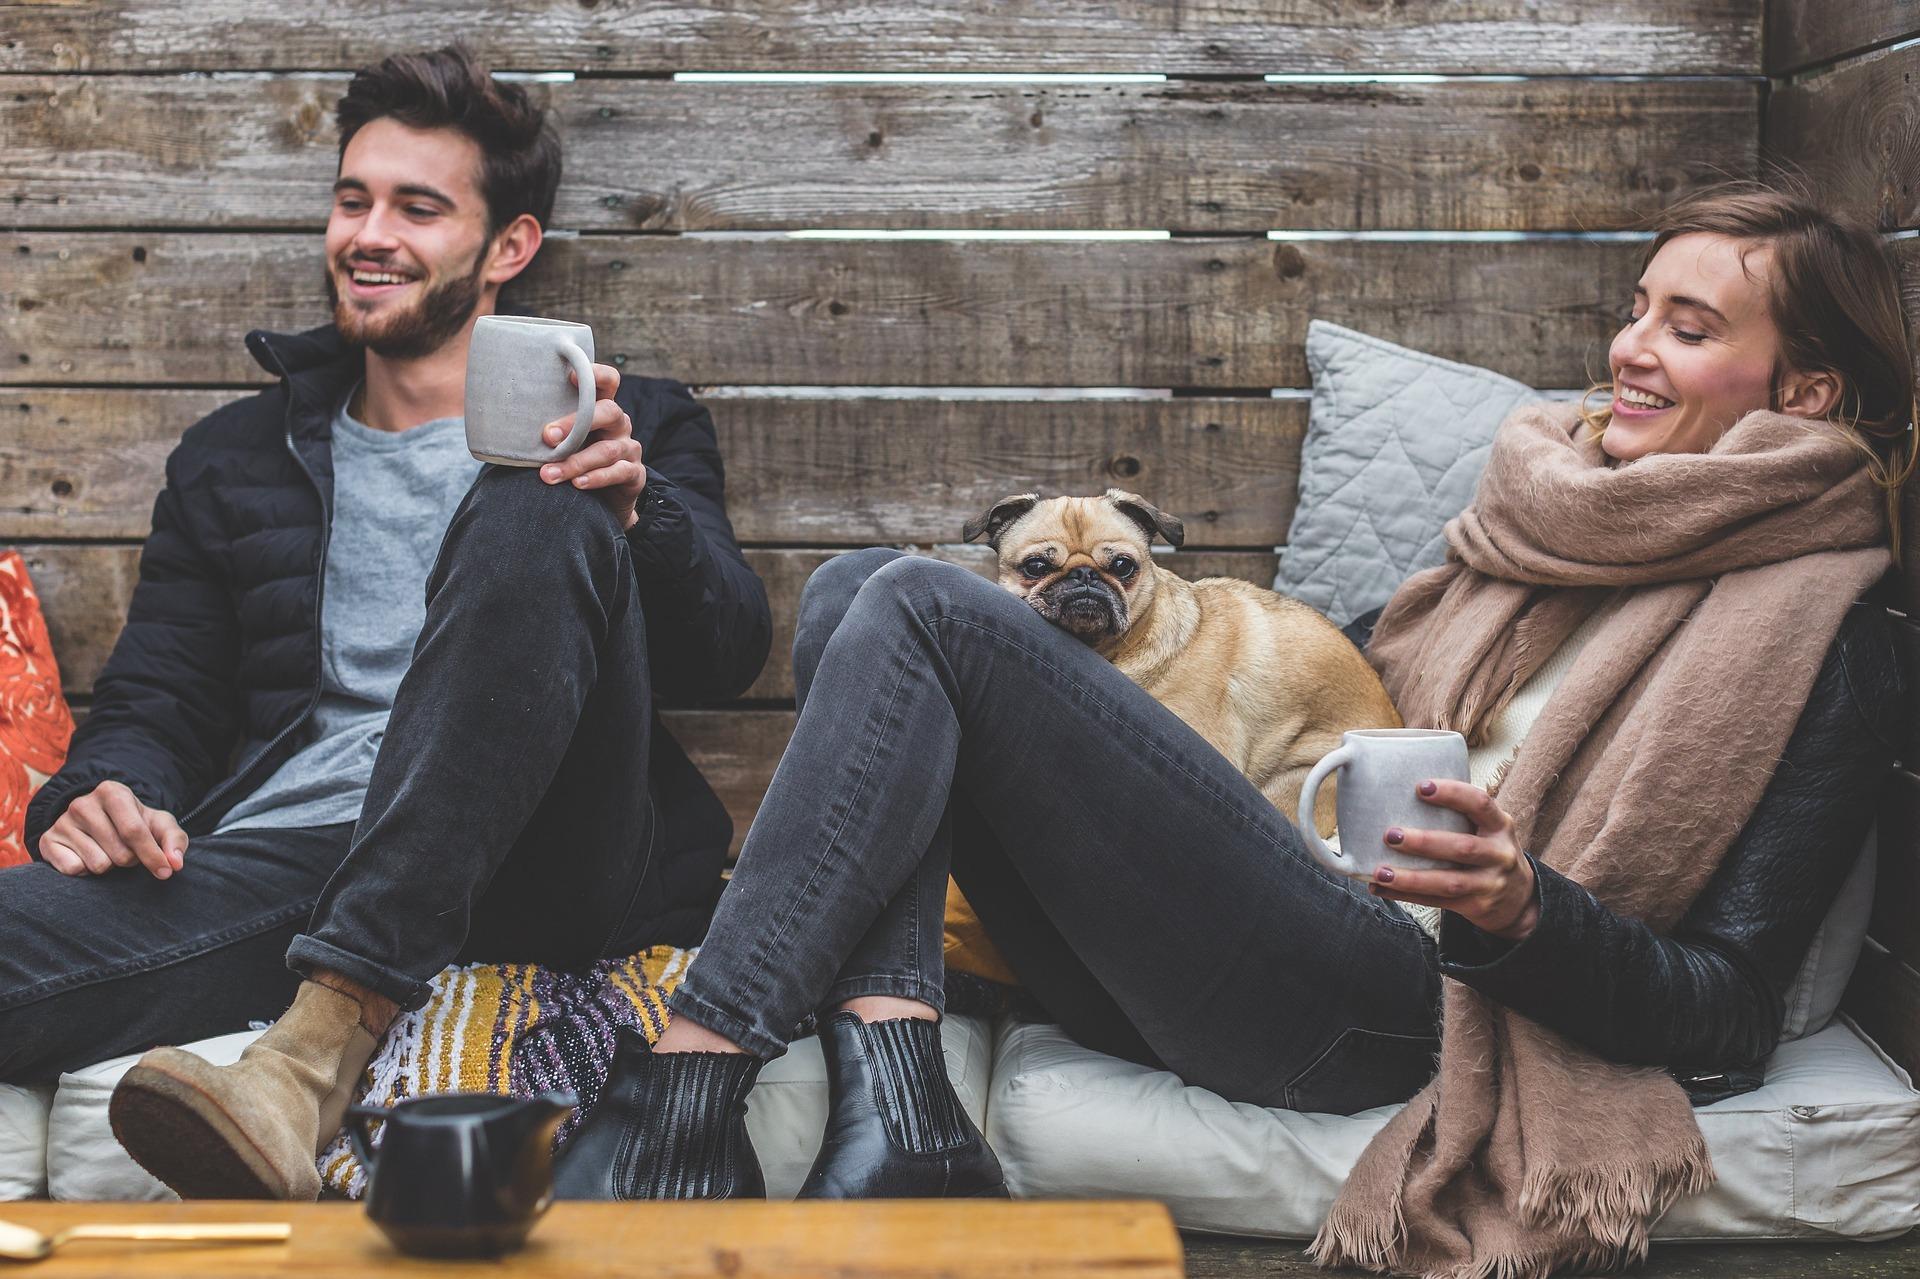 hoe de overgang van vrienden met voordelen voor dating